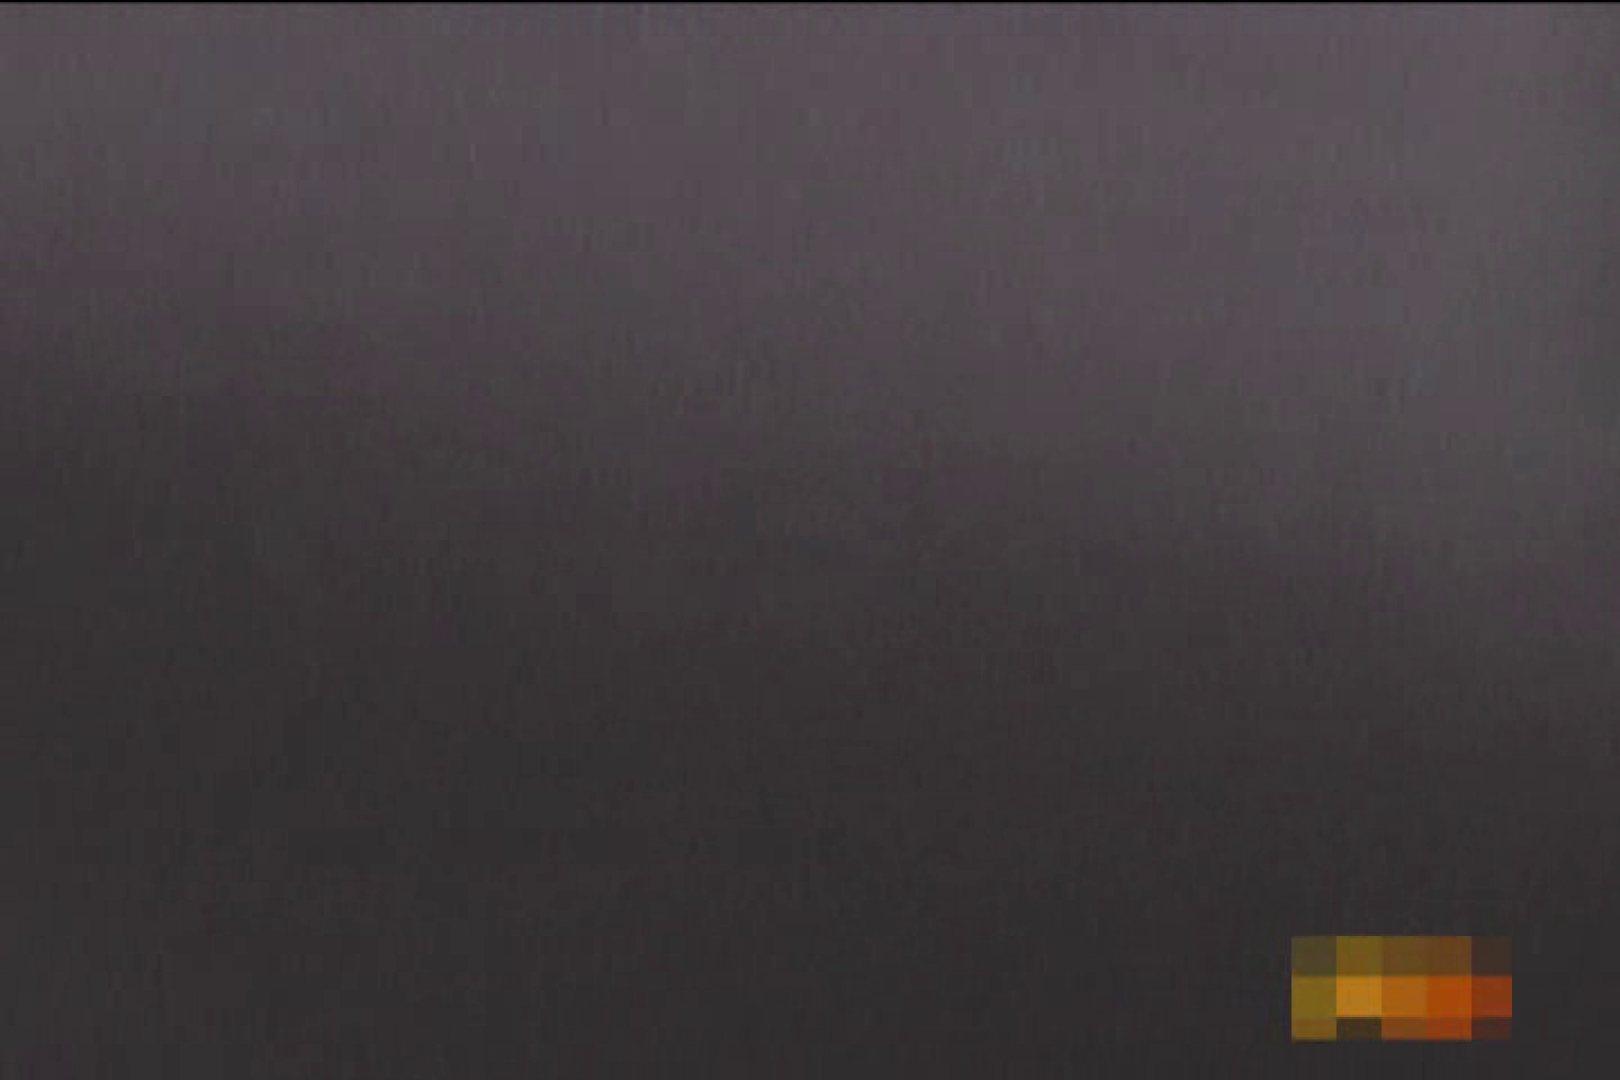 大胆露出胸チラギャル大量発生中!!Vol.2 乳首 オマンコ無修正動画無料 64PIX 48